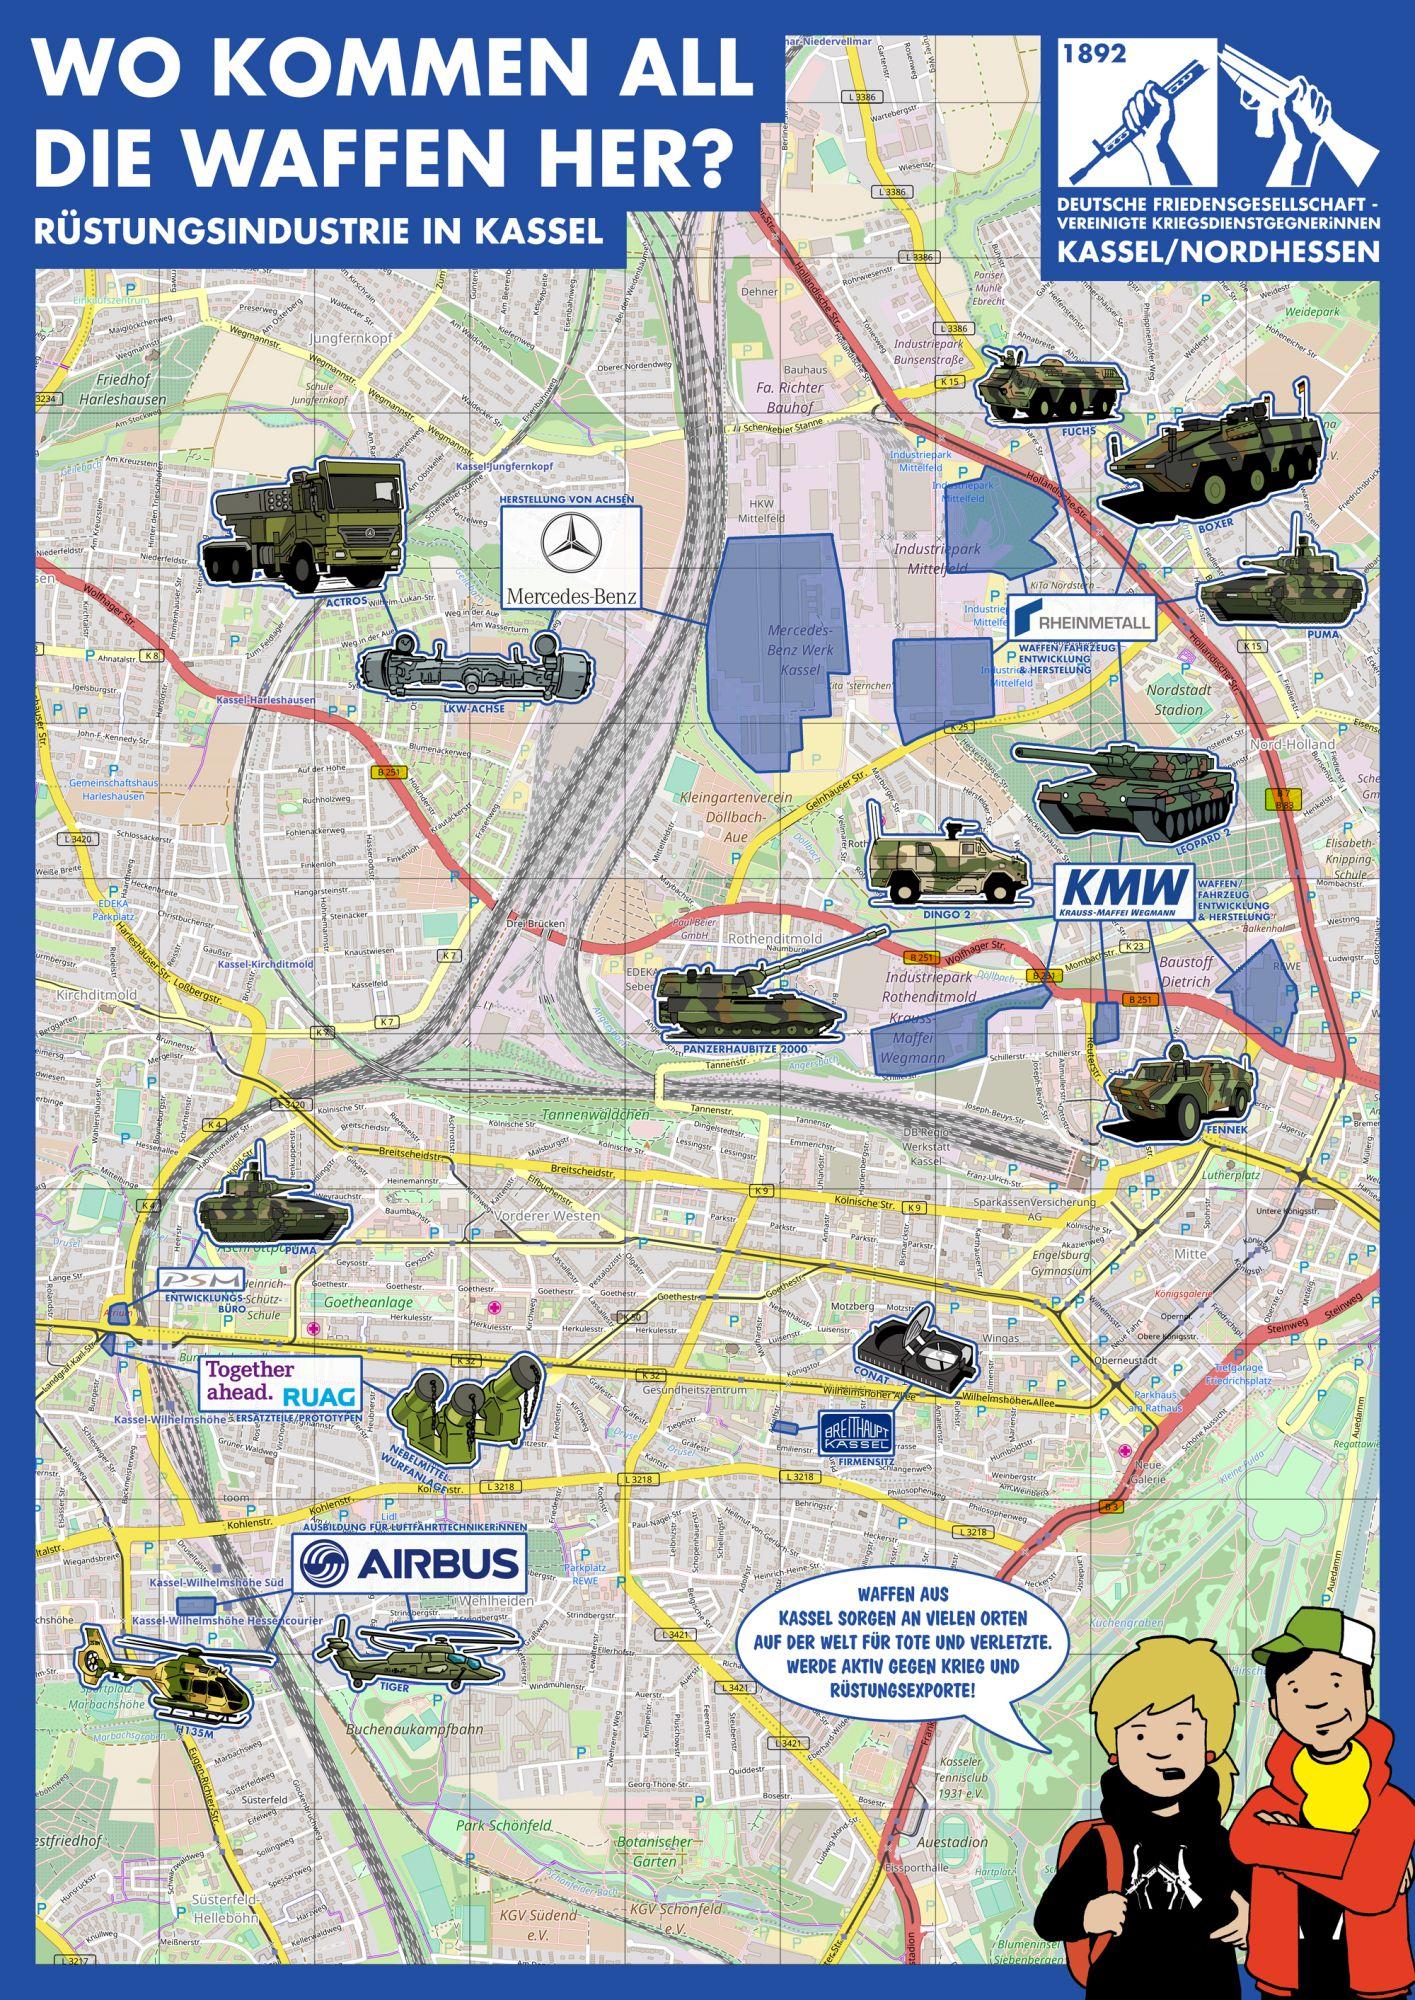 Stadtplan Kassel mit Standorten der Rüstungsindustrie